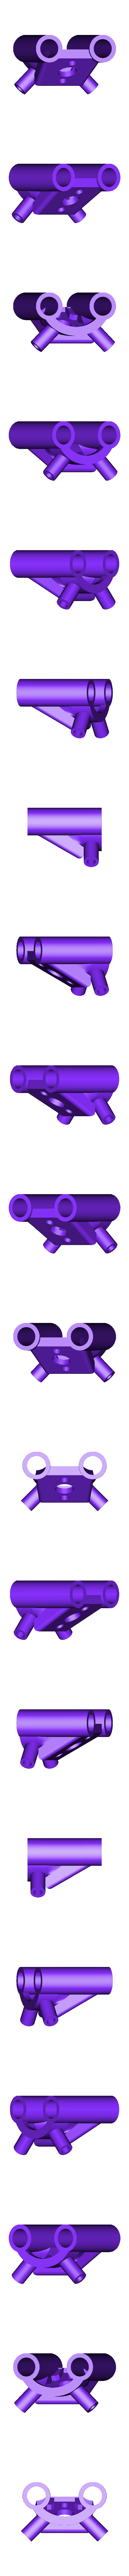 Mark4_30_Pig_Tail_tube_ant2.stl Télécharger fichier STL gratuit MARK 4 GEPRC SOFT MOUNT 30° PIGTAIL + TUBES D'ANTENNE • Modèle pour impression 3D, Rhizamax